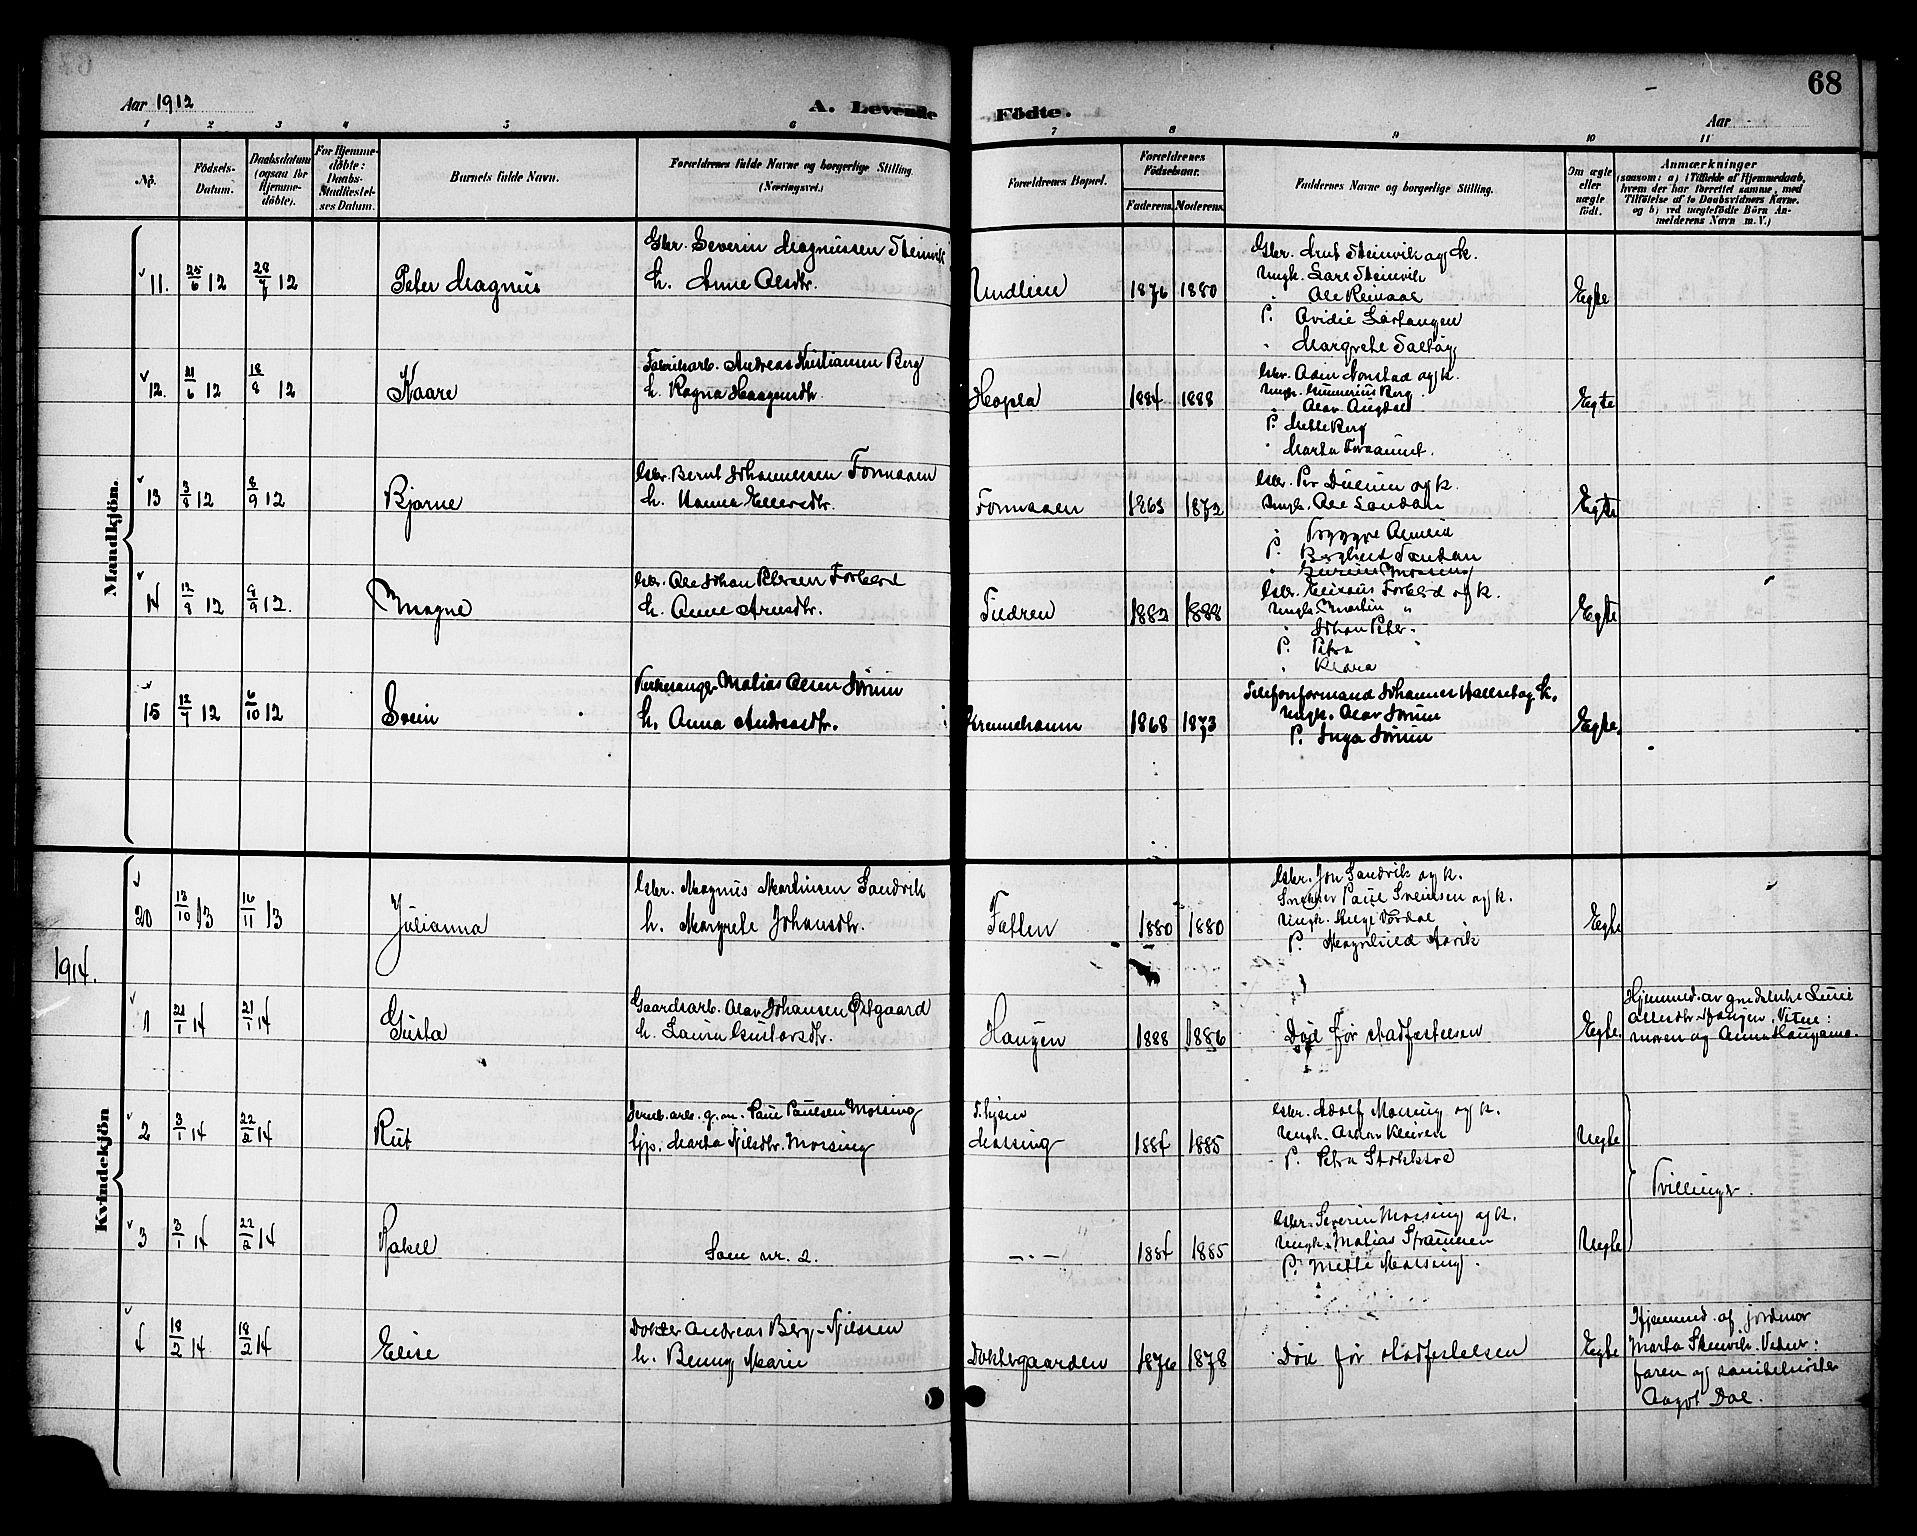 SAT, Ministerialprotokoller, klokkerbøker og fødselsregistre - Nord-Trøndelag, 714/L0135: Klokkerbok nr. 714C04, 1899-1918, s. 68